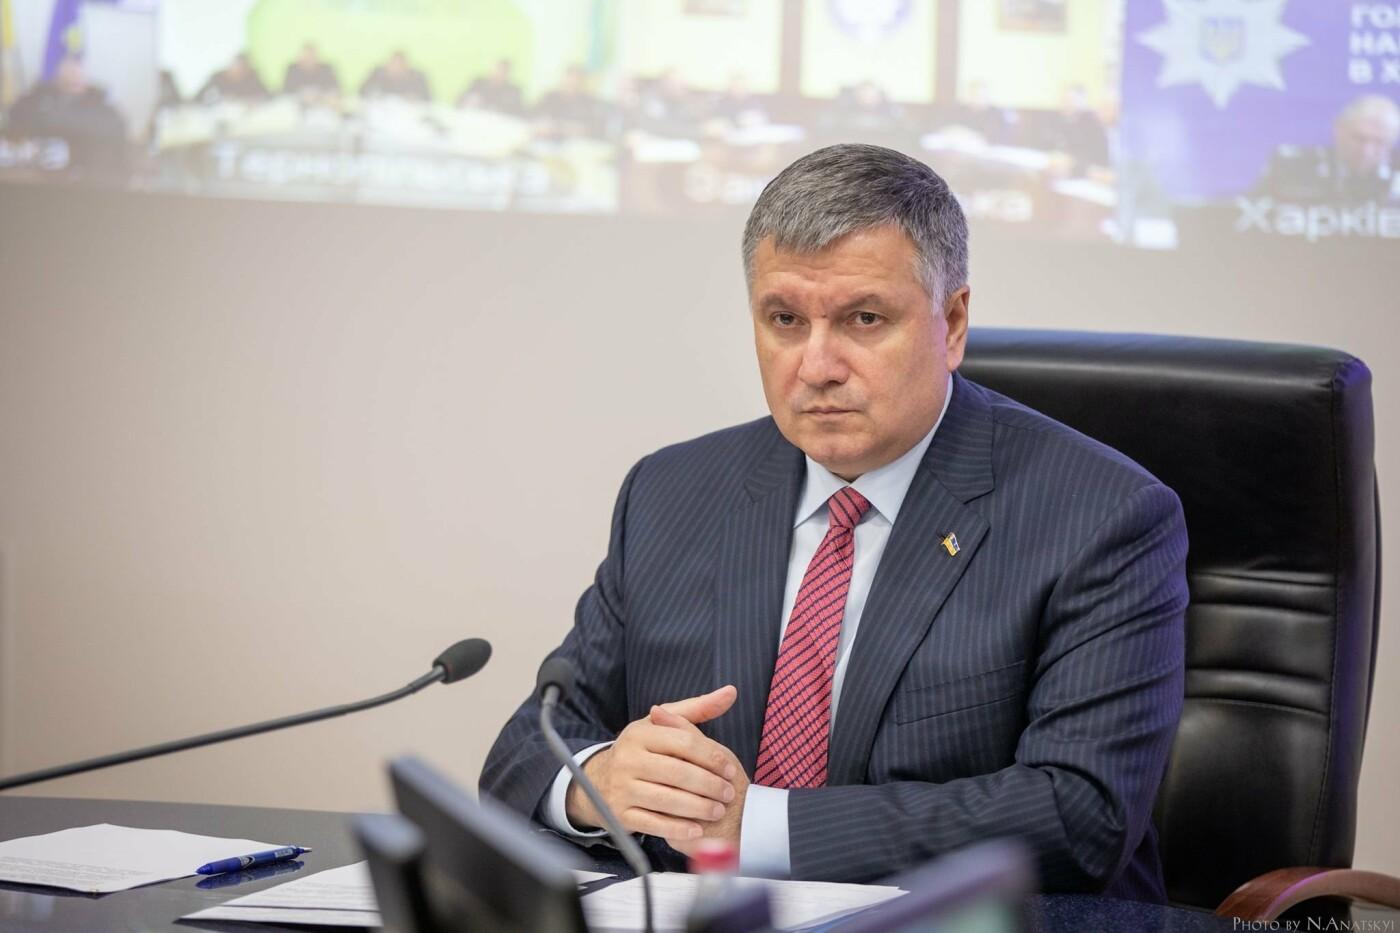 Поліцейський з Рівненщини Князєв стане радником Авакова, фото-1